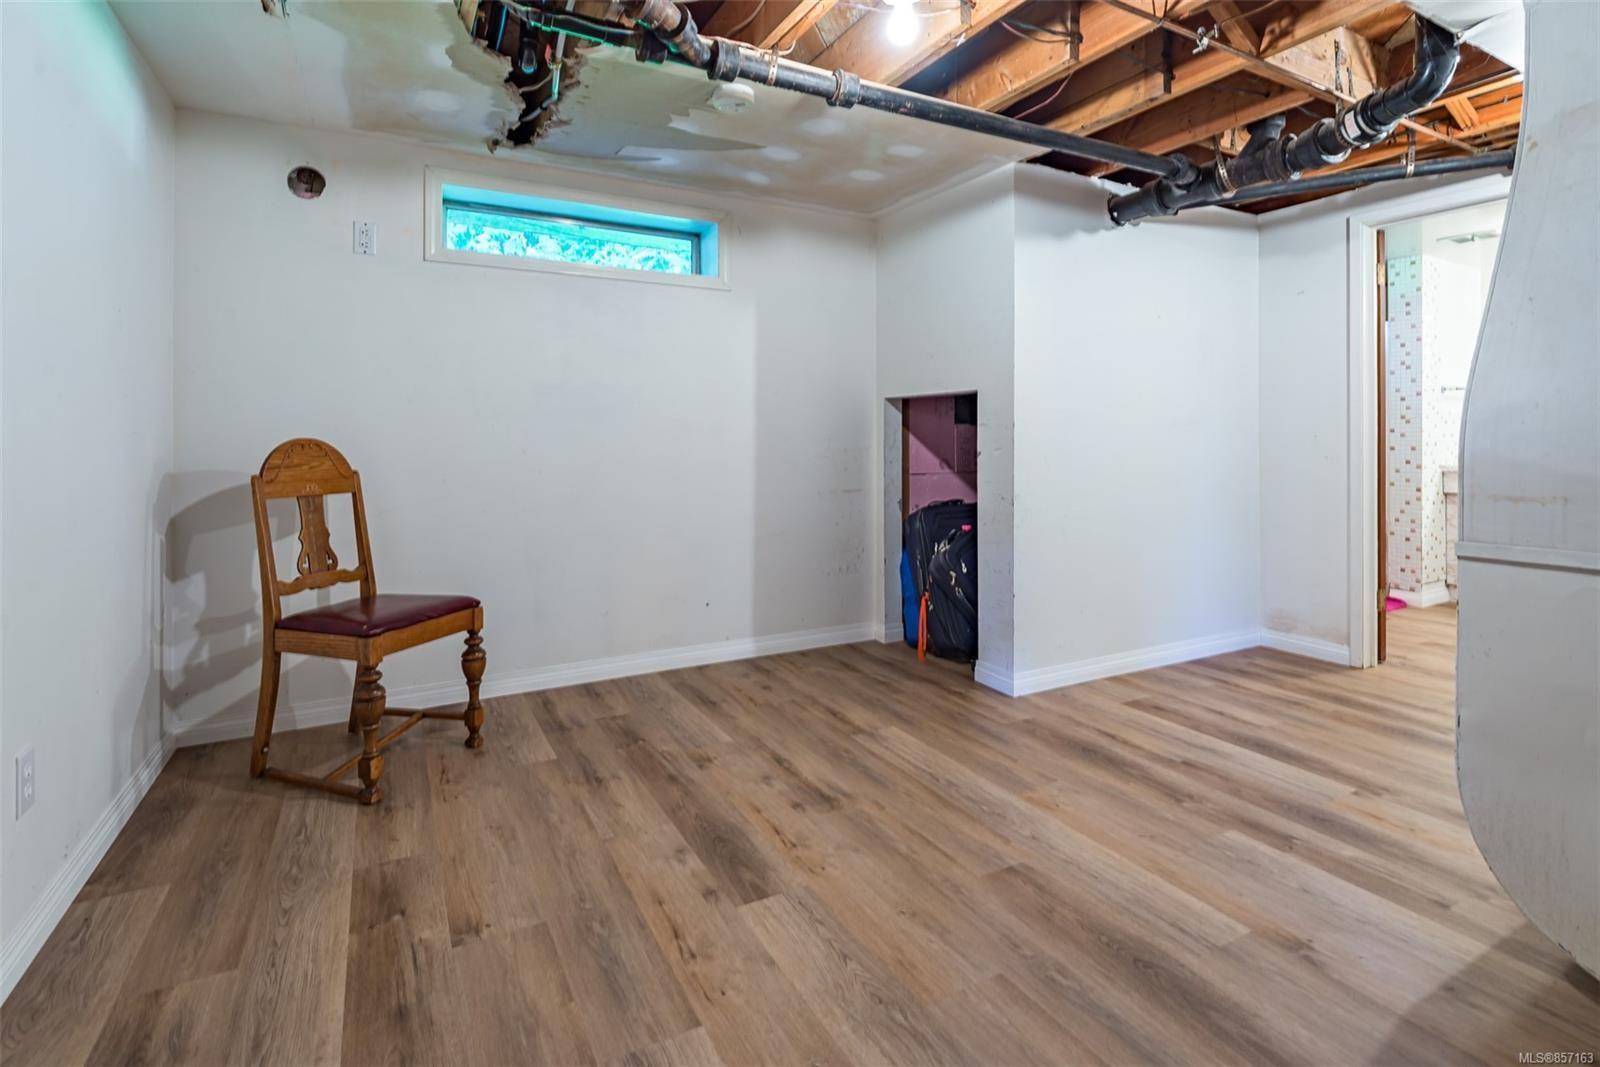 Photo 43: Photos: 4241 Buddington Rd in : CV Courtenay South House for sale (Comox Valley)  : MLS®# 857163